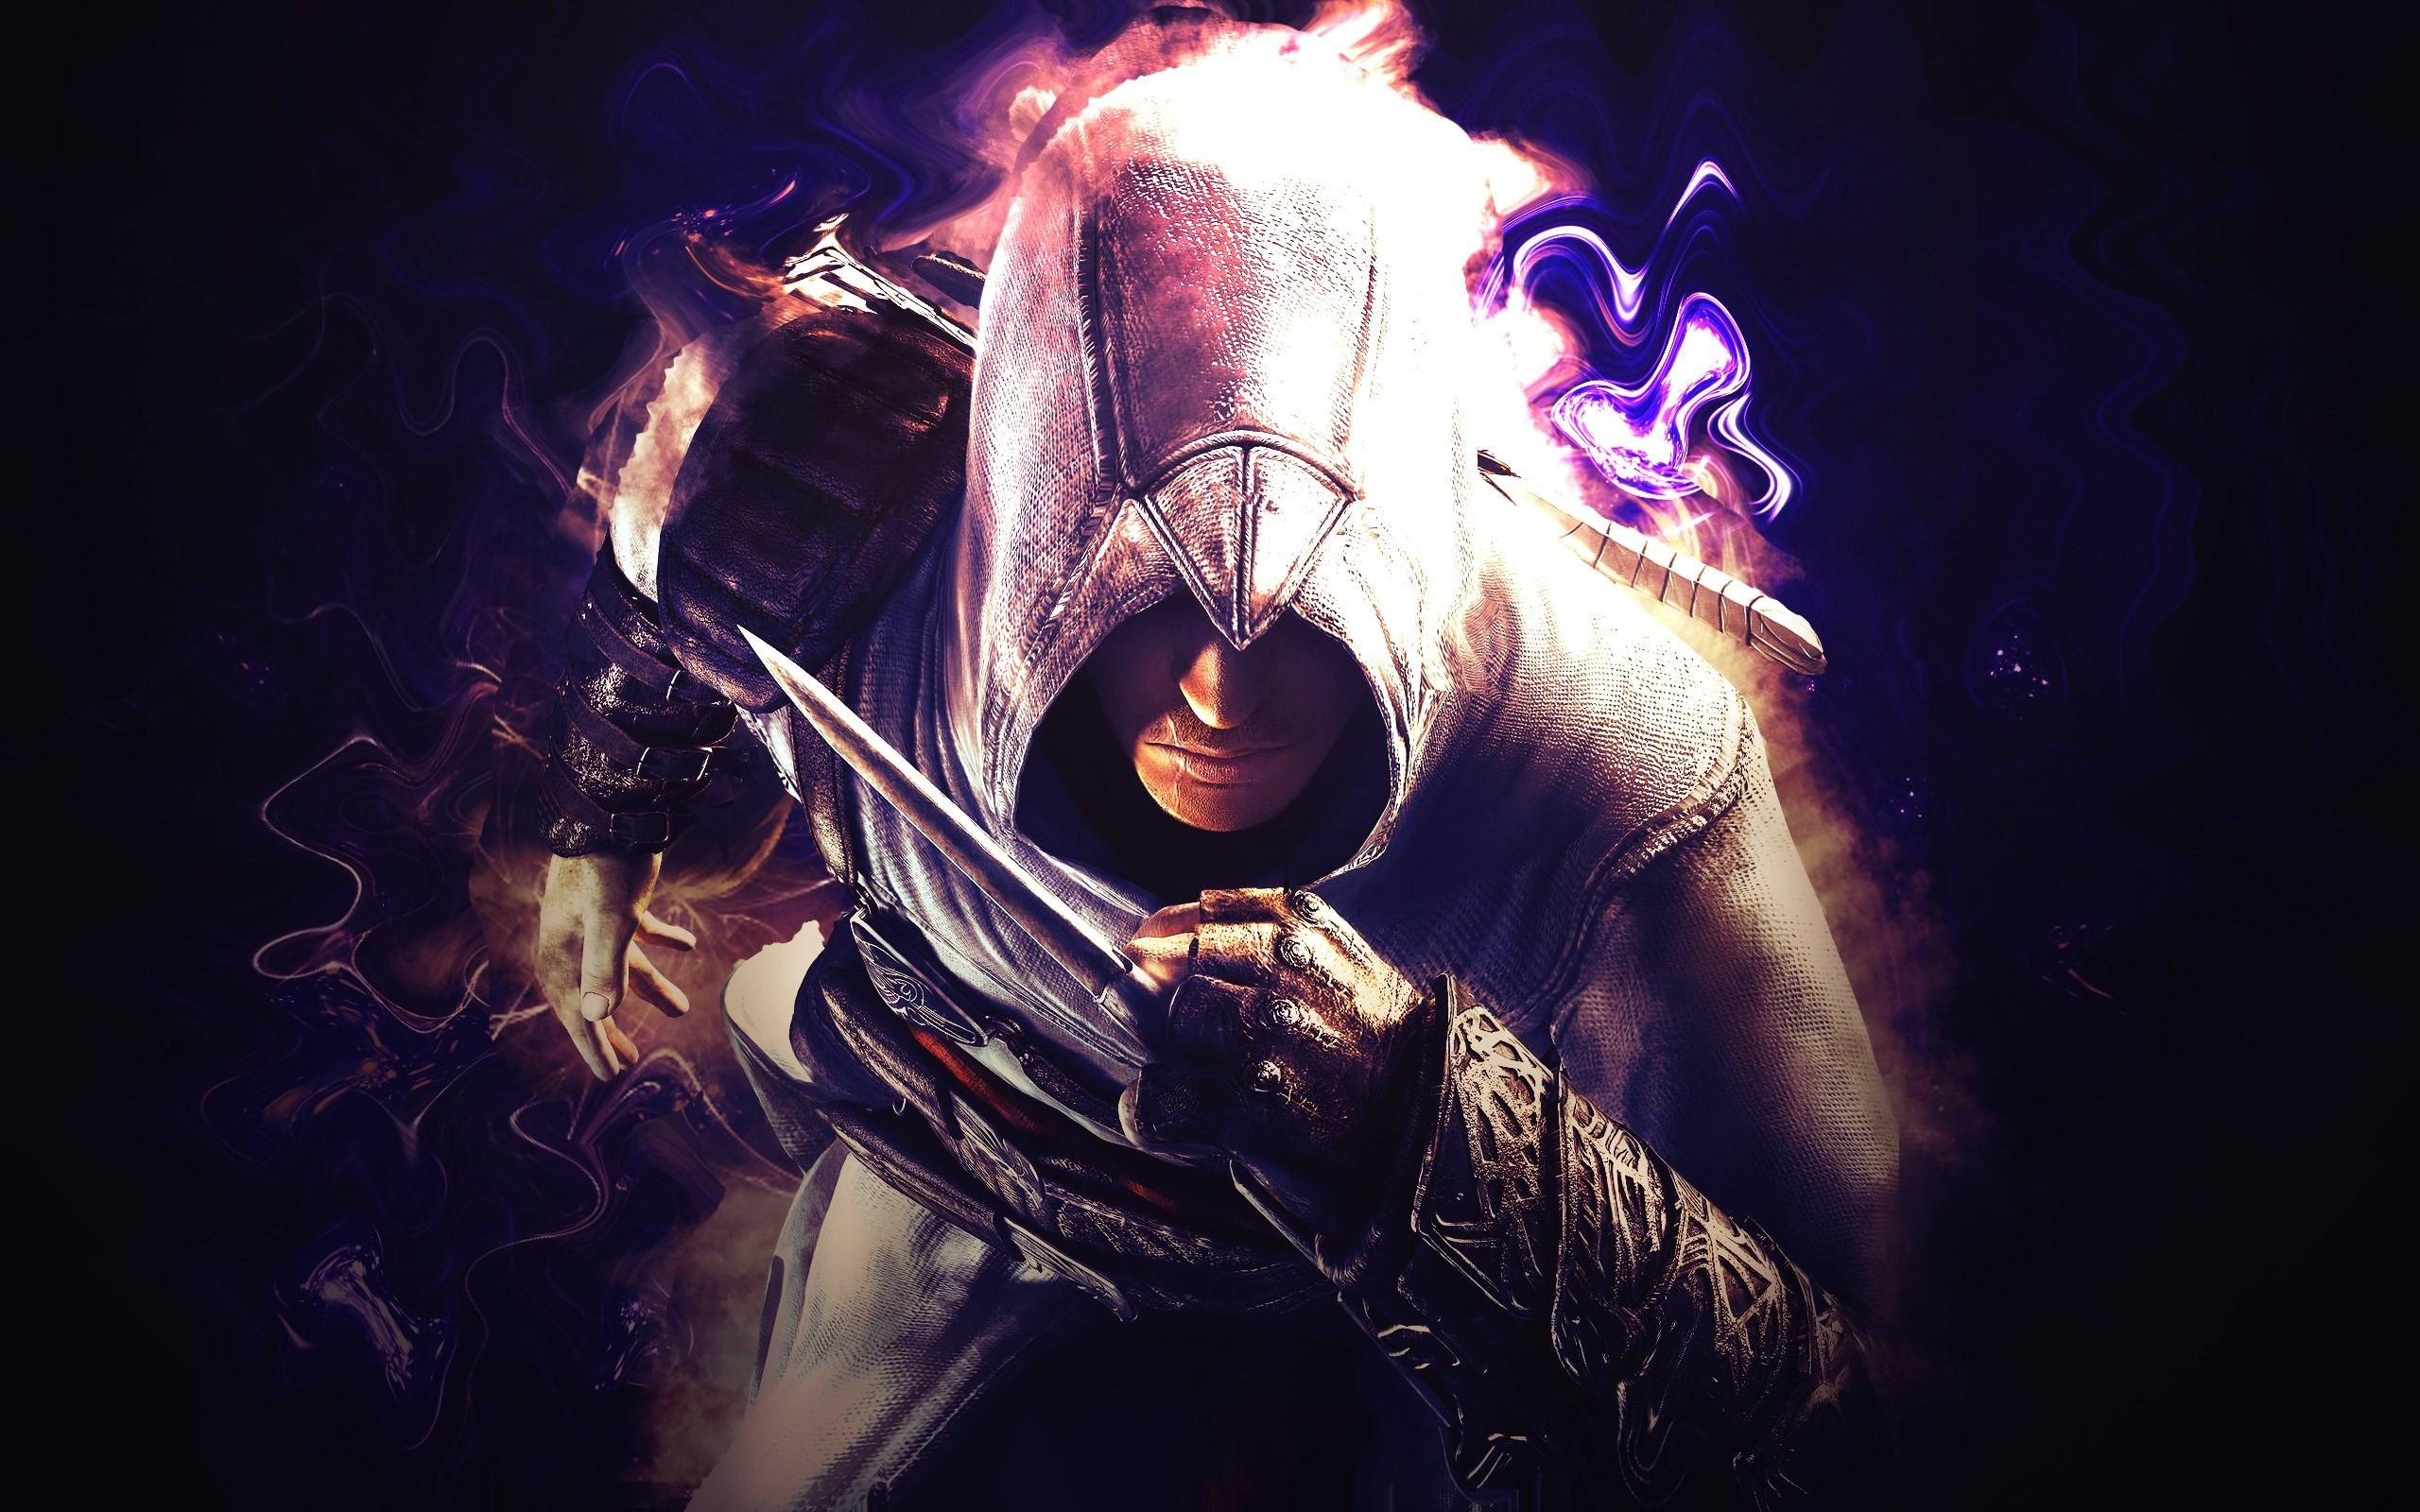 Wallpaper for Desktop: assassins creed brotherhood